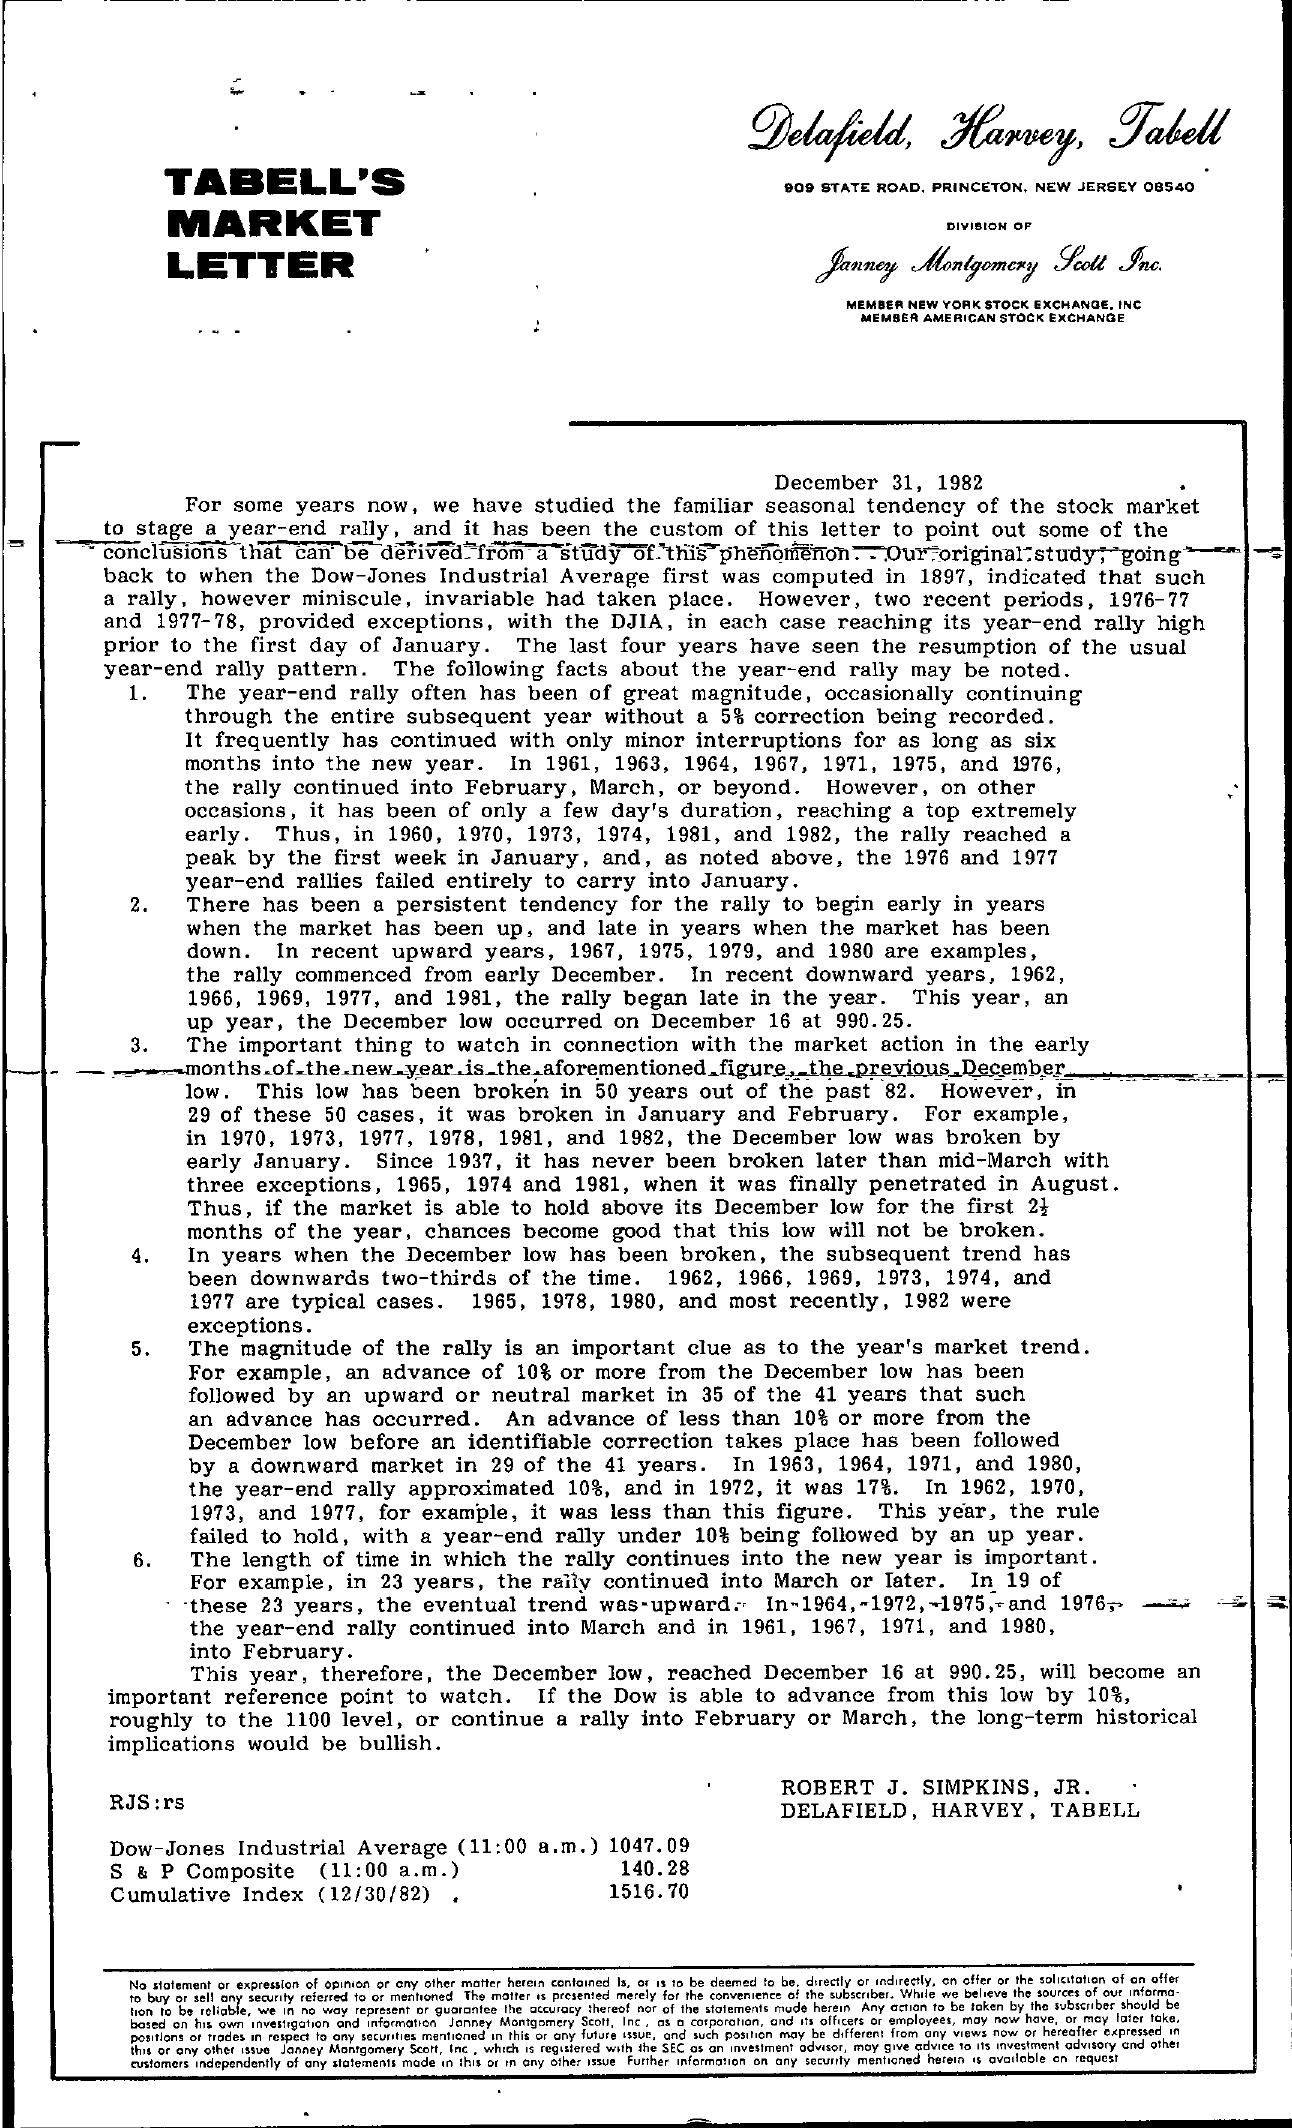 Tabell's Market Letter - December 31, 1982